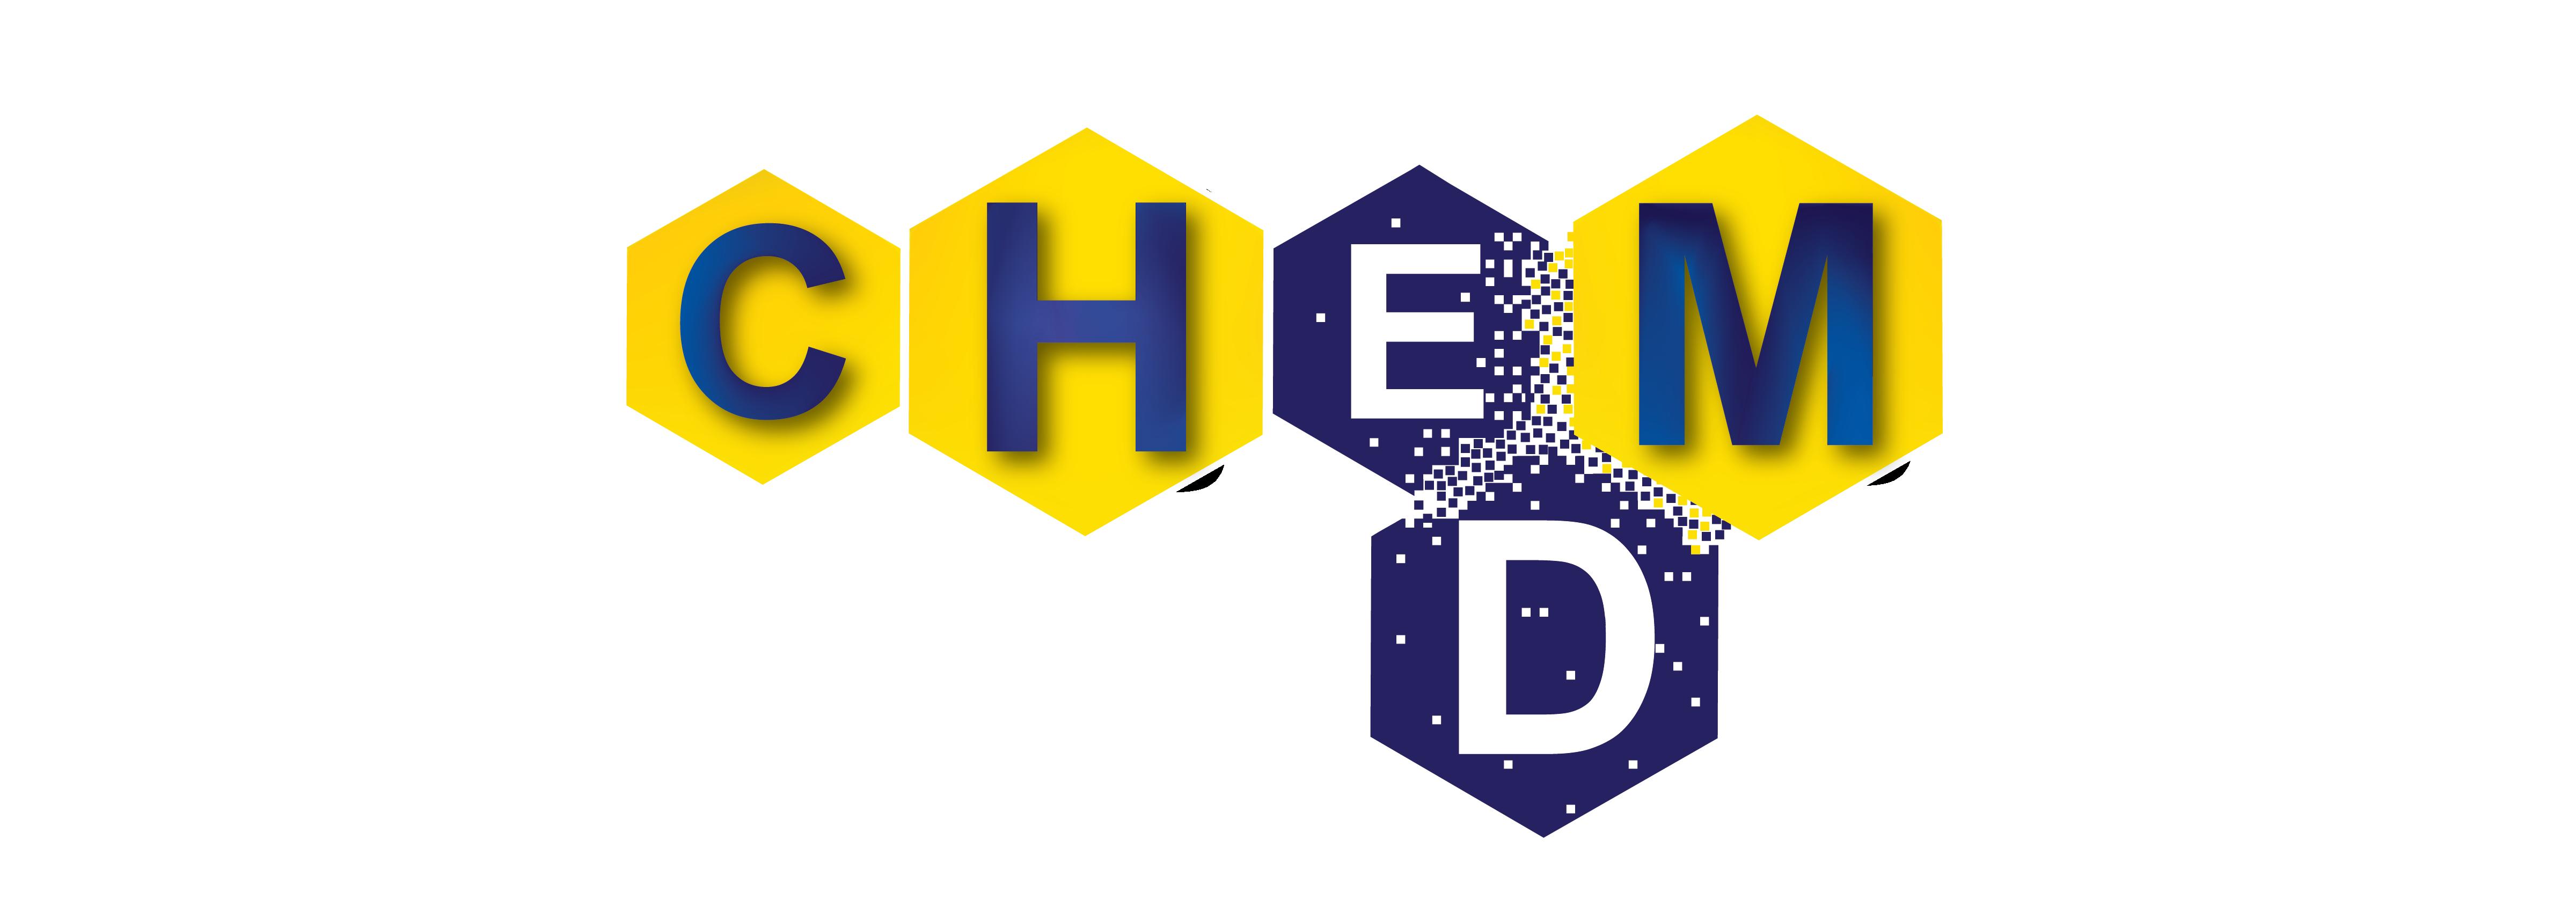 ChemEd 2017